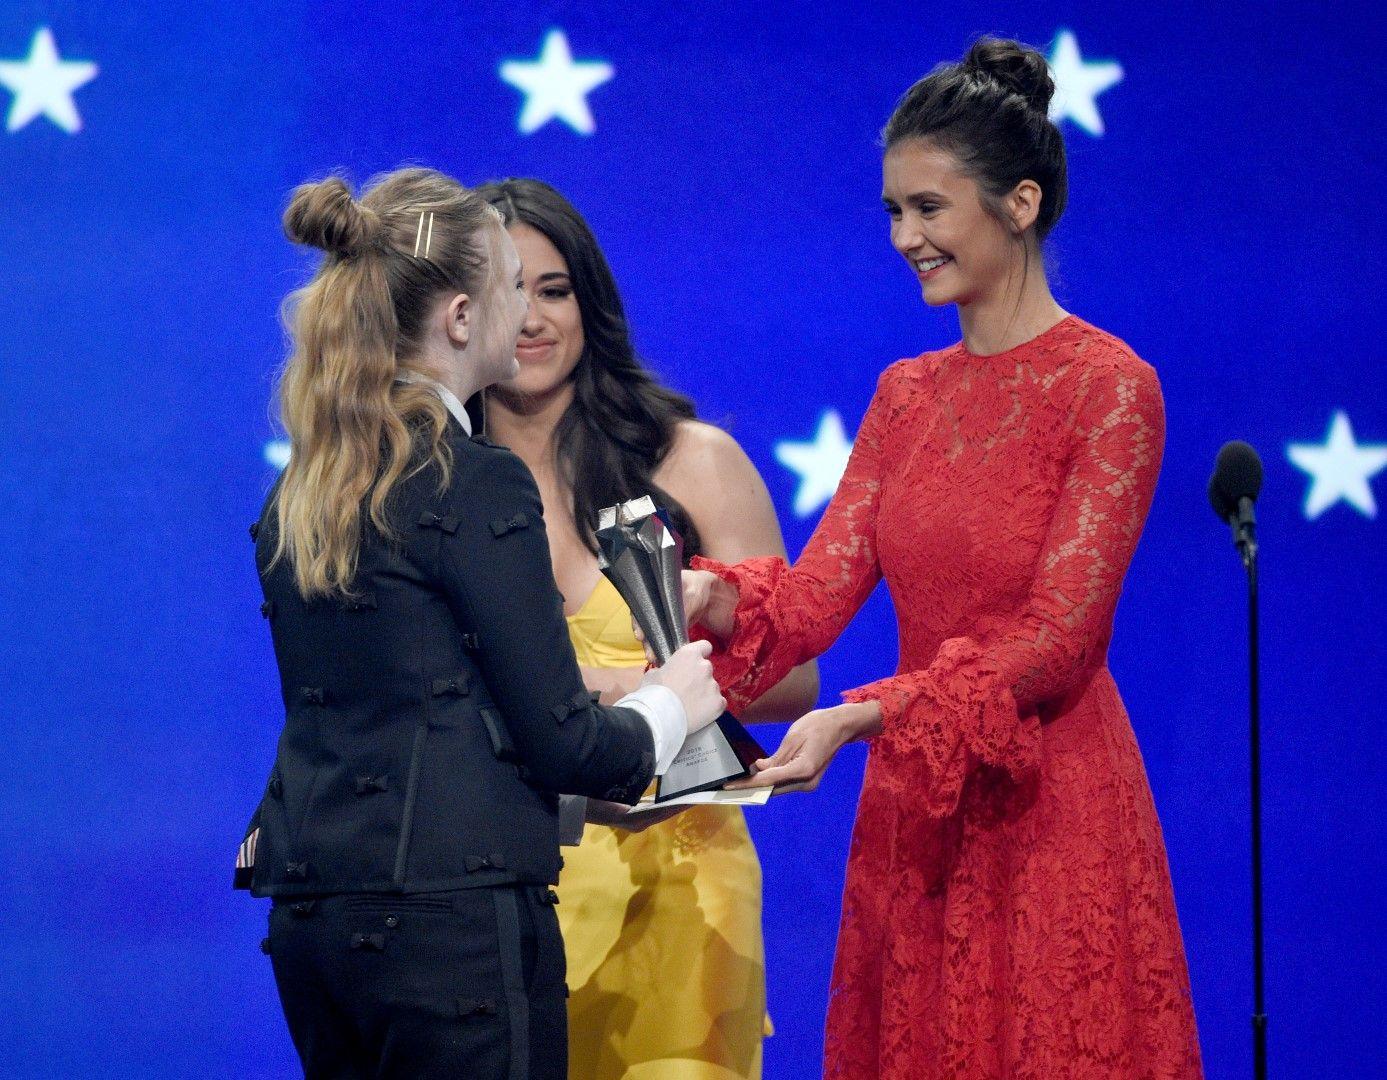 Нина Добрев и Джанин Мейсън връчват наградата на Елси Фишър